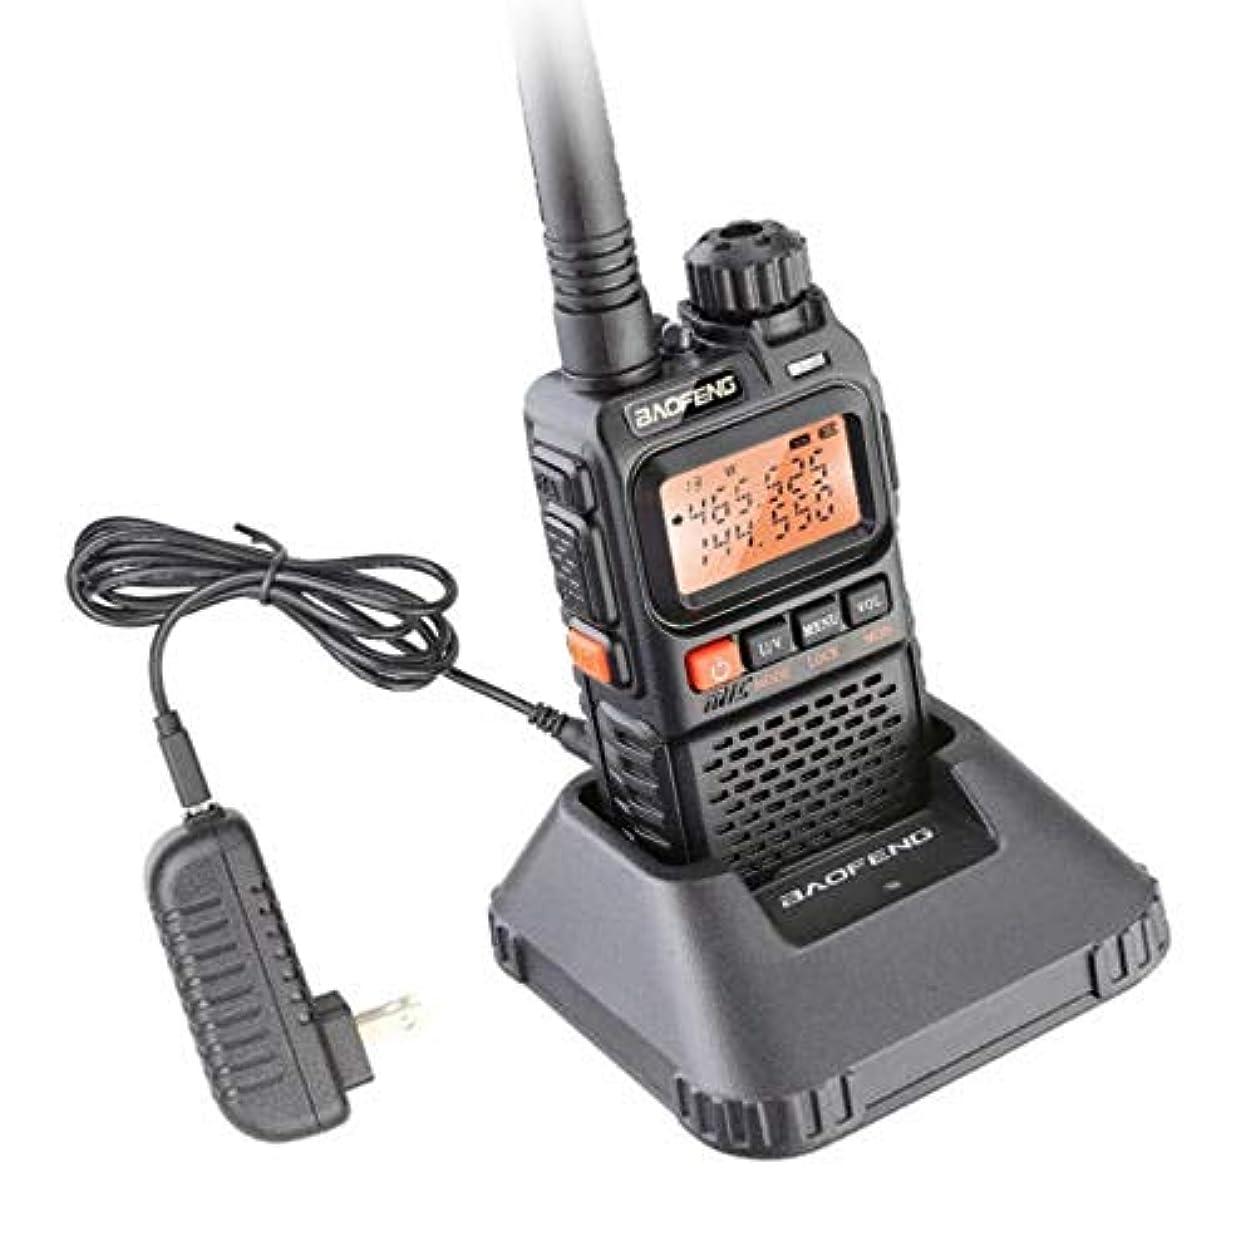 意図的モーテル寛大さETbotu トランシーバー UHF VHF ポータブル懐中電灯 UV 3R+ Ham FMラジオ - USプラグ